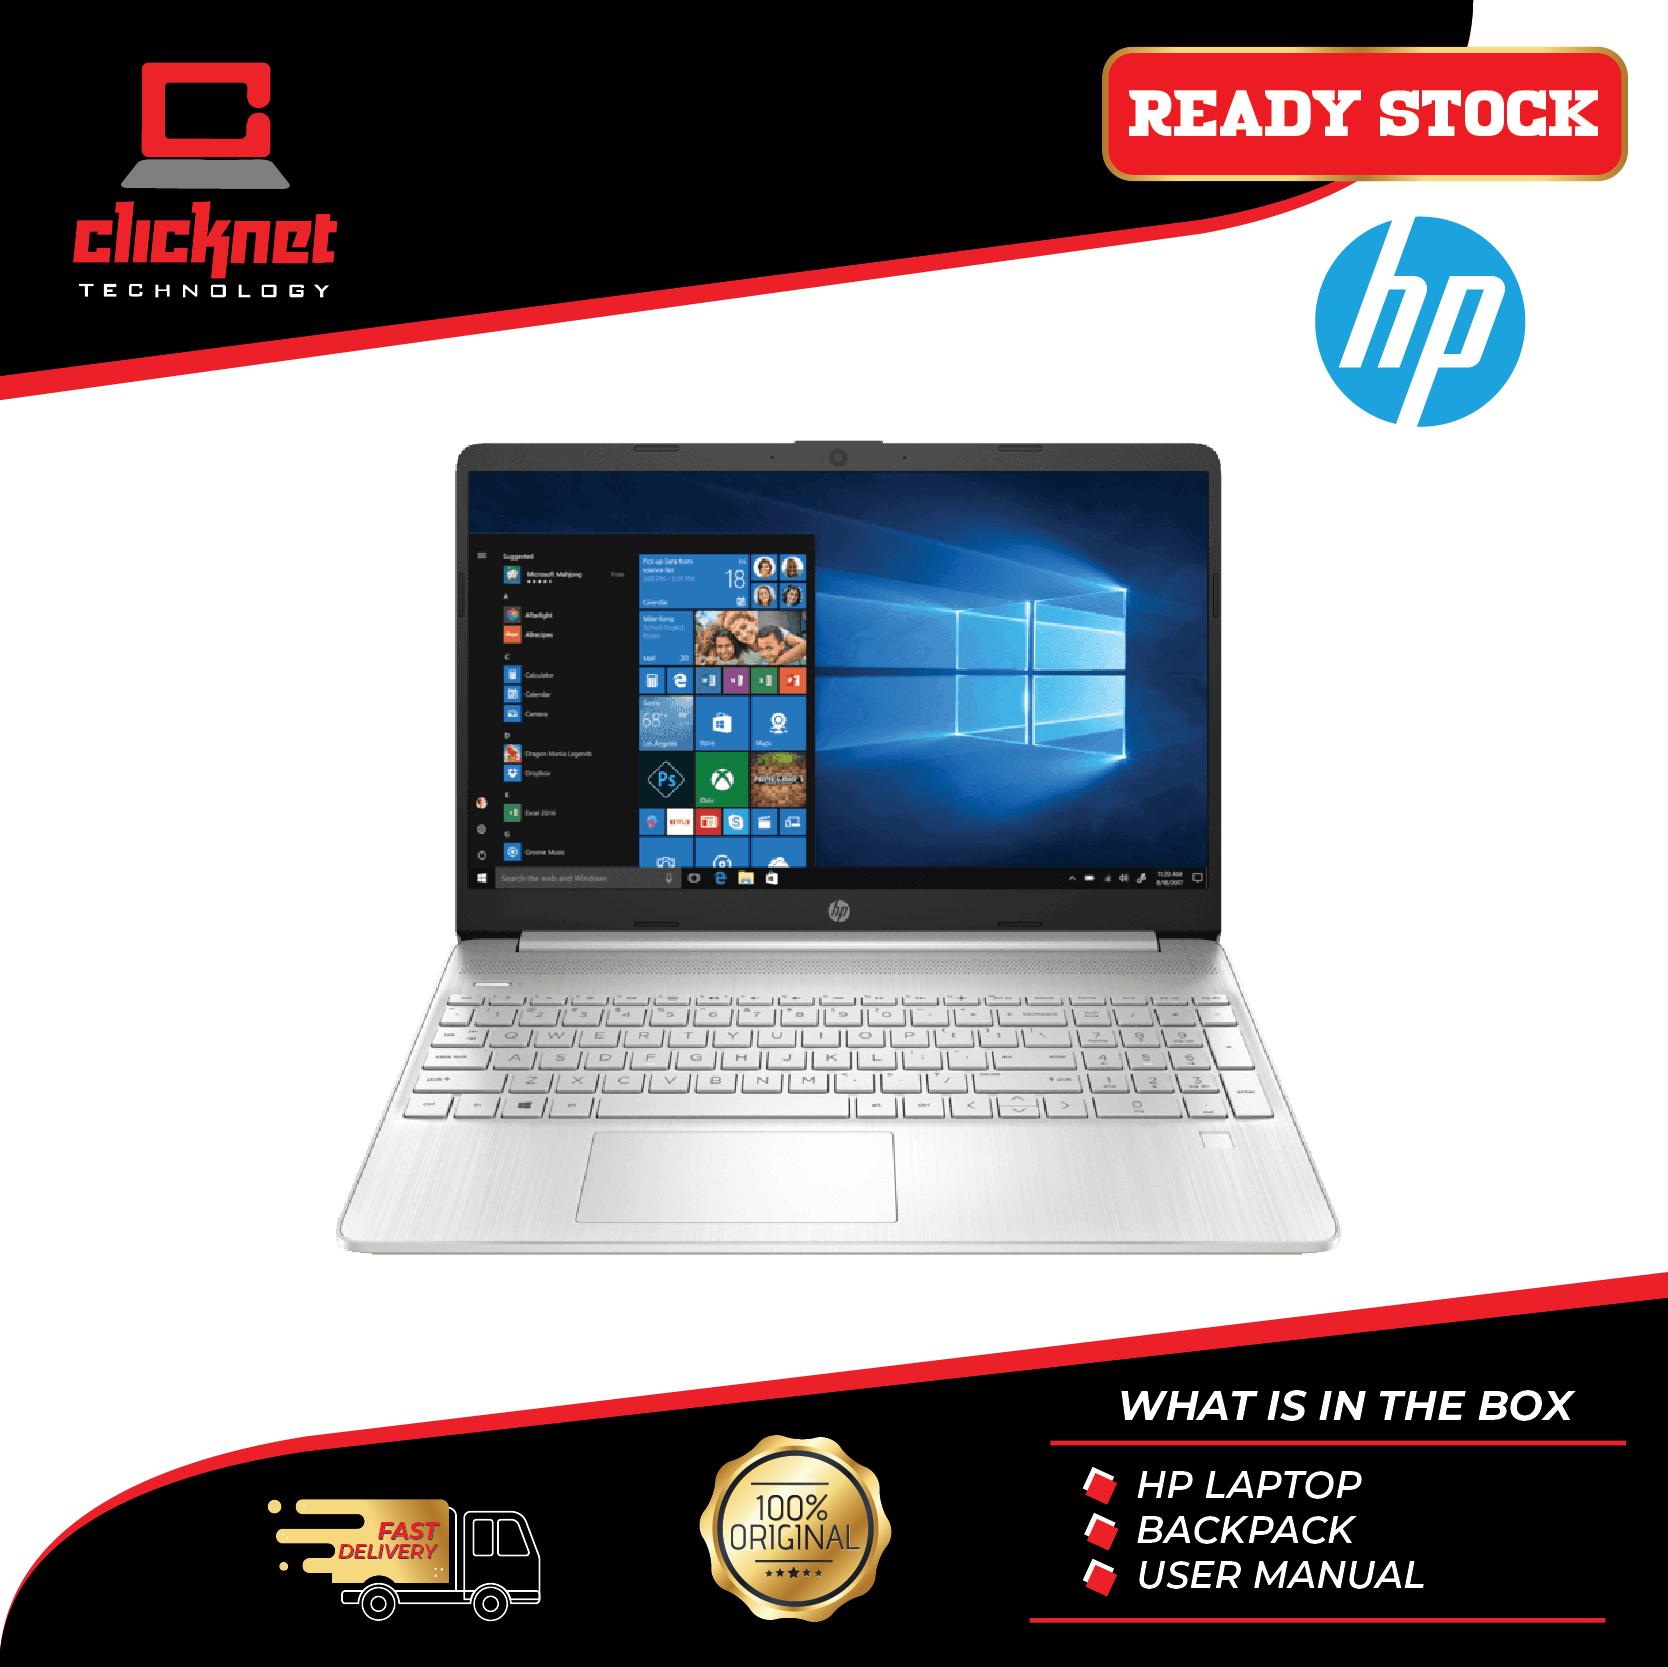 HP Laptop - 15S-EQ0067AU FHD (AMD R5 3500U, 4GB, 512GB SSD, VEGA 8, 15.6  W10H) Malaysia